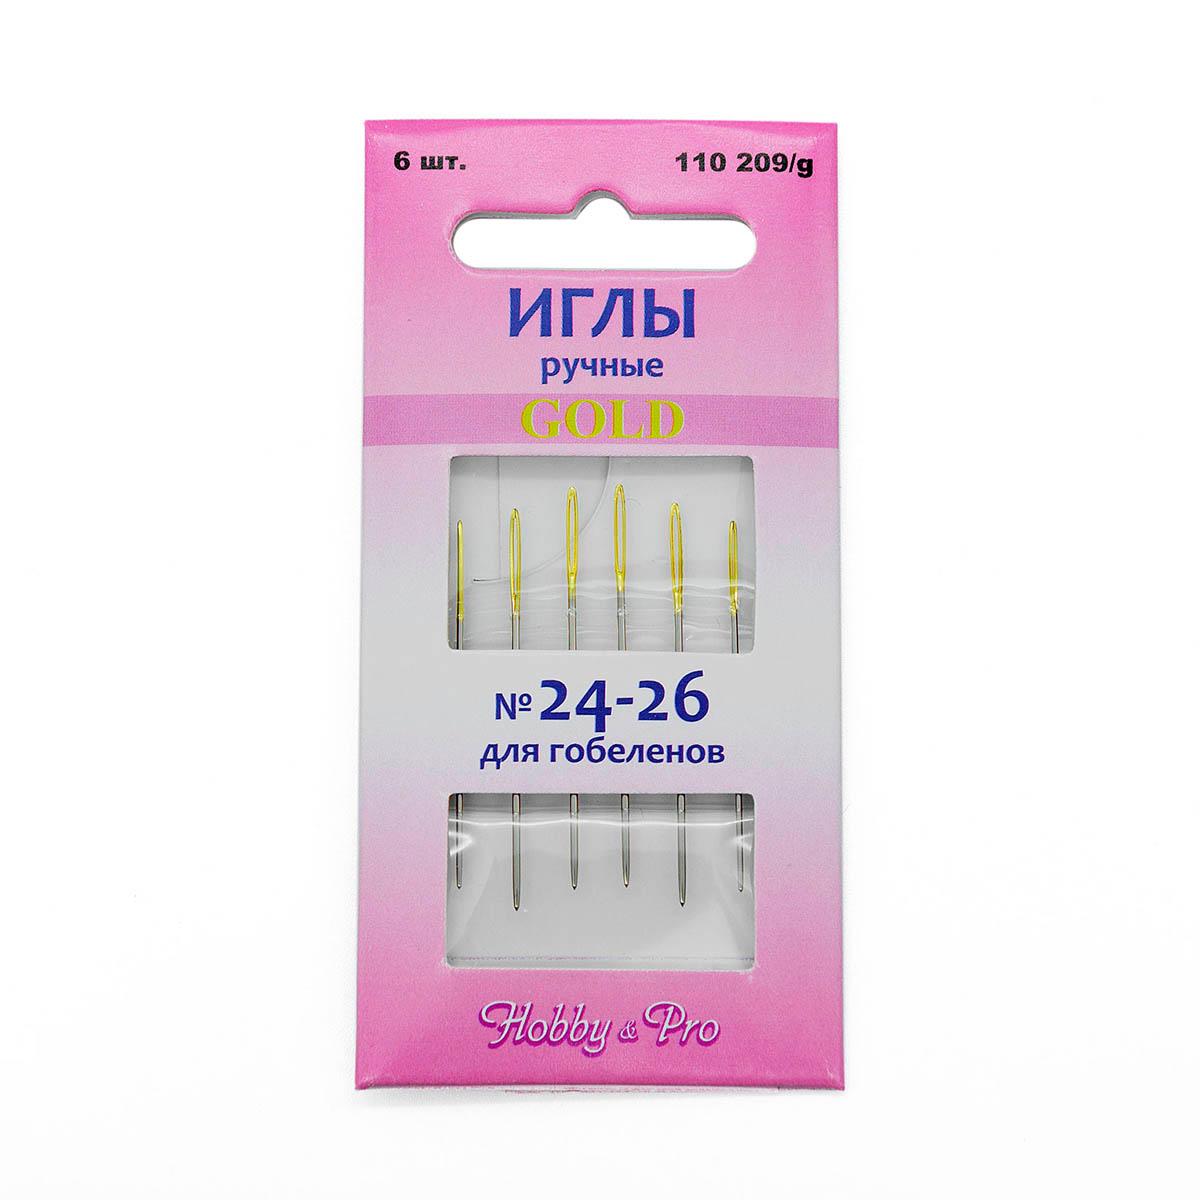 110209/g Иглы вышивальные с золотым ушком для гобеленов №24-26, упак./6 шт., Hobby&Pro